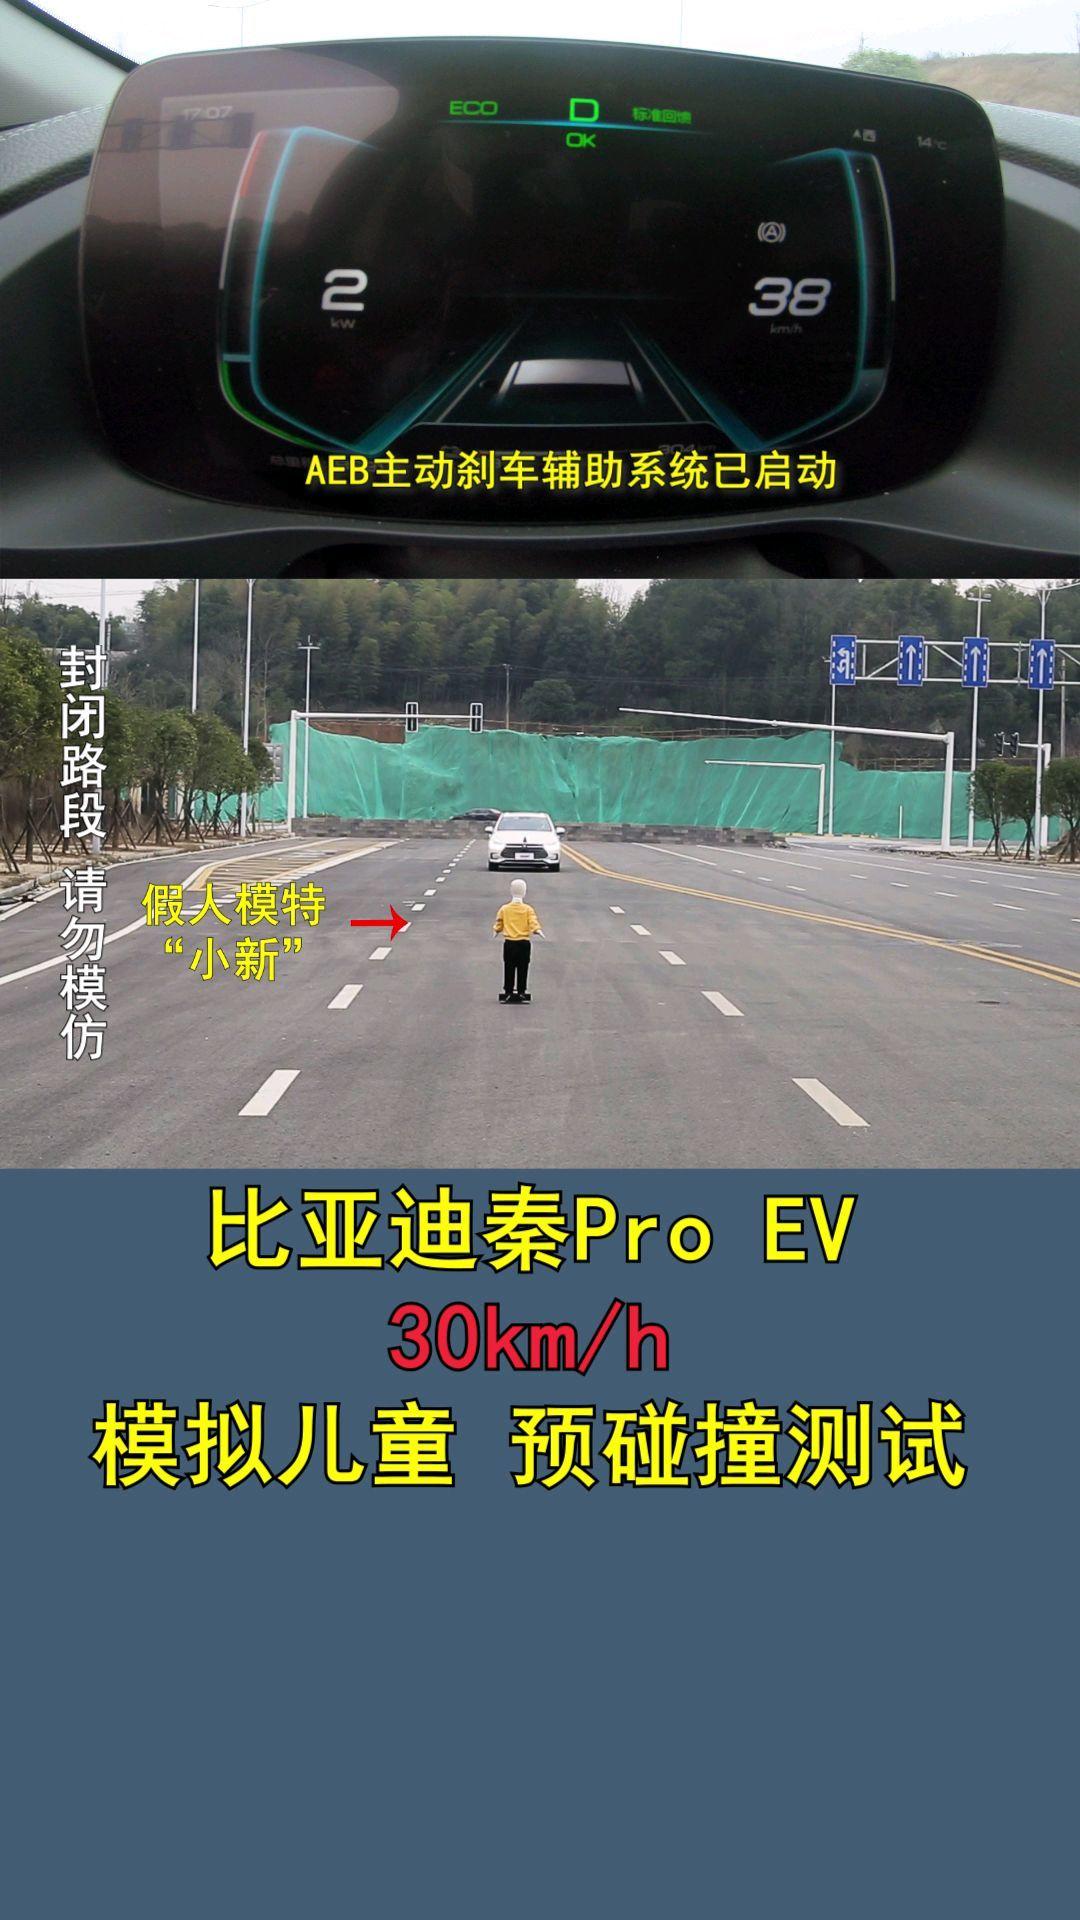 比亚迪秦Pro EV,30km/h预碰撞测试